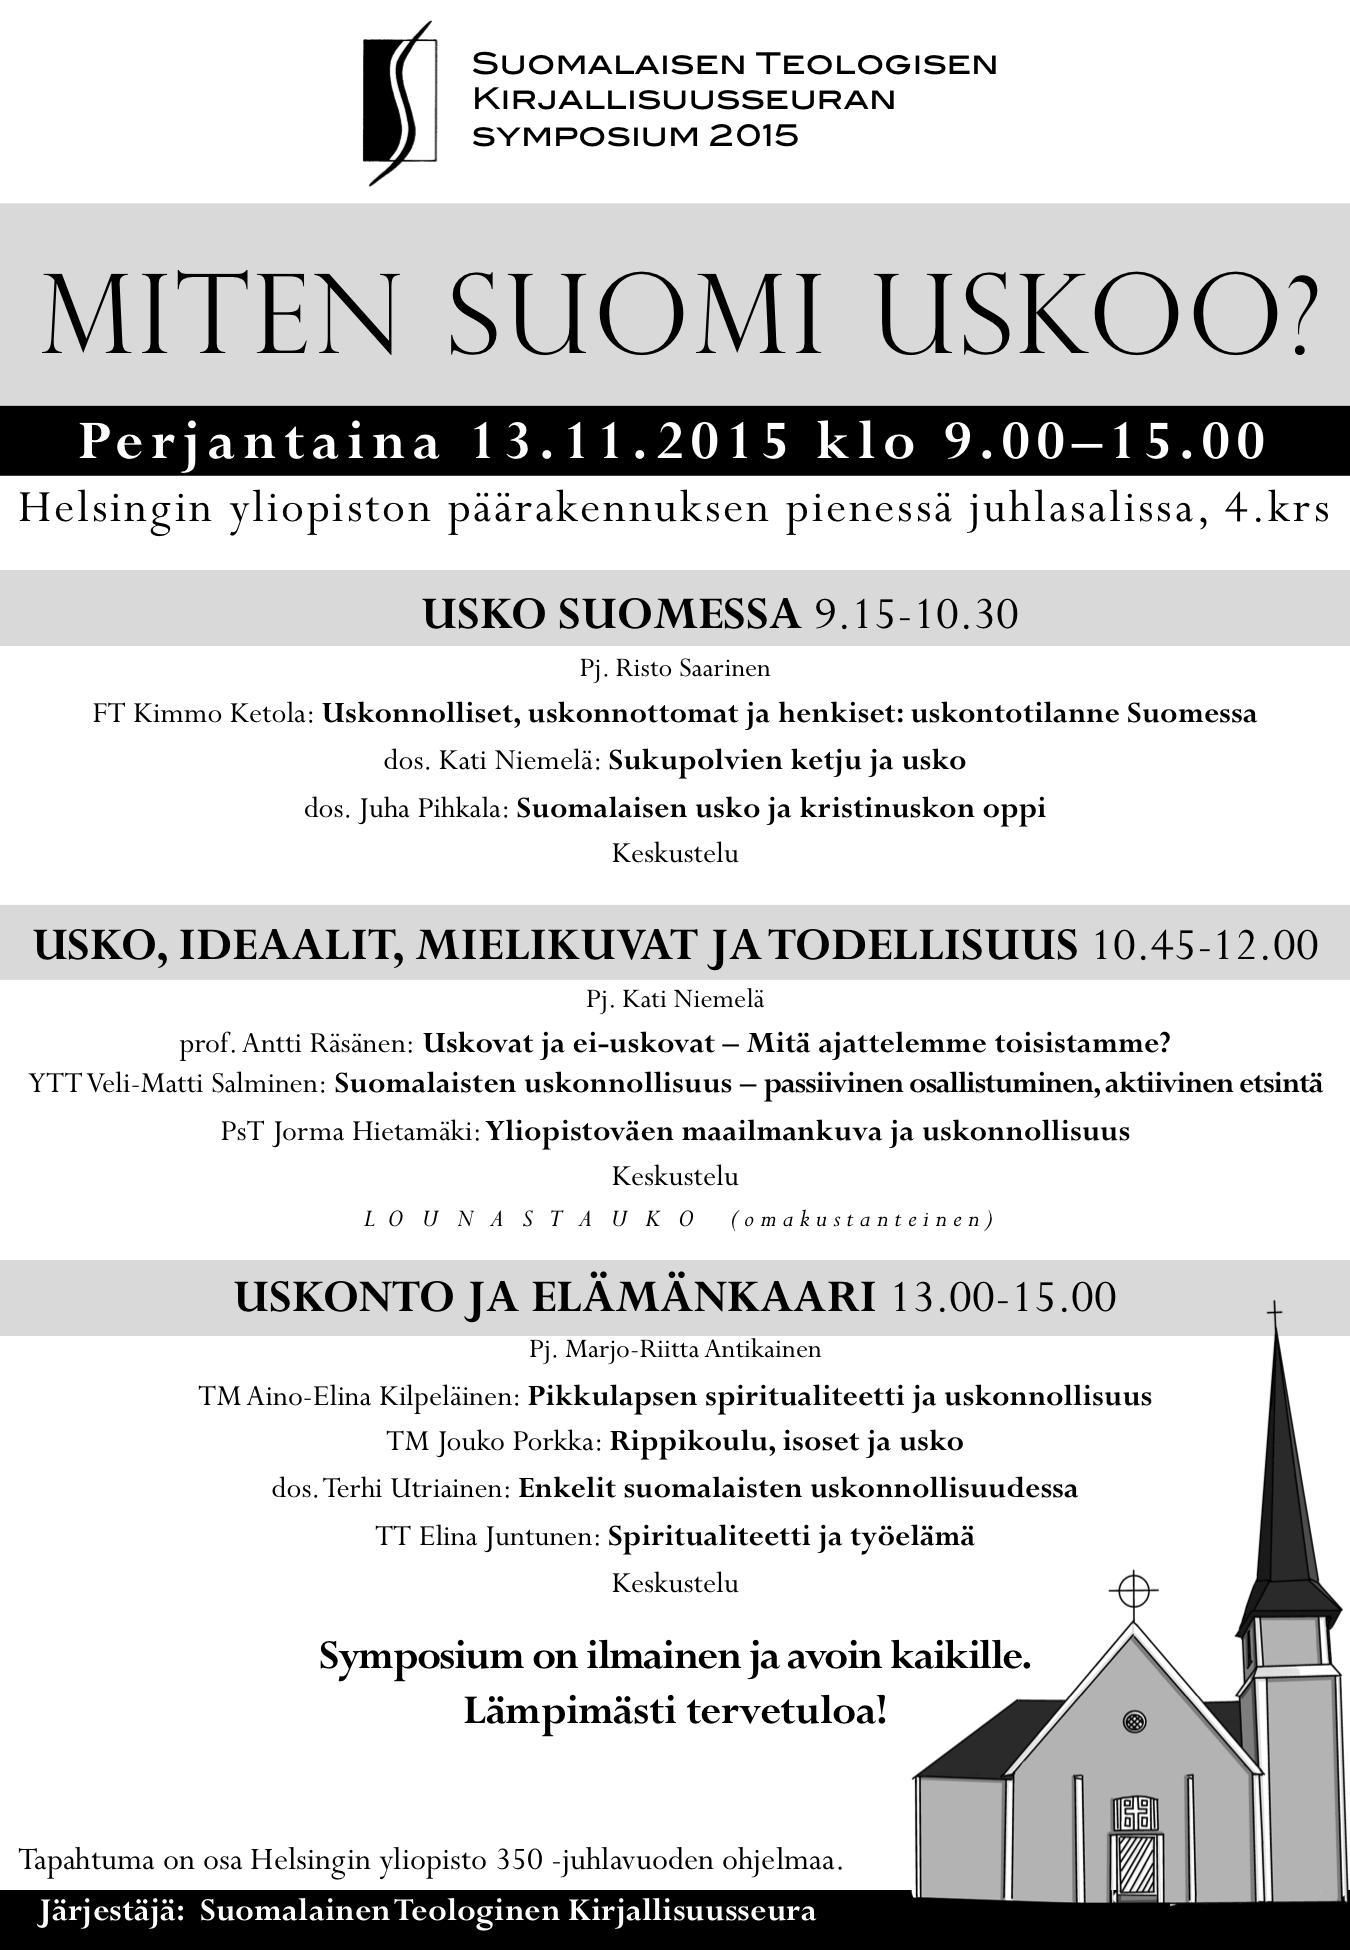 Suomalaisen Teologisen Kirjallisuusseuran symposium 2015